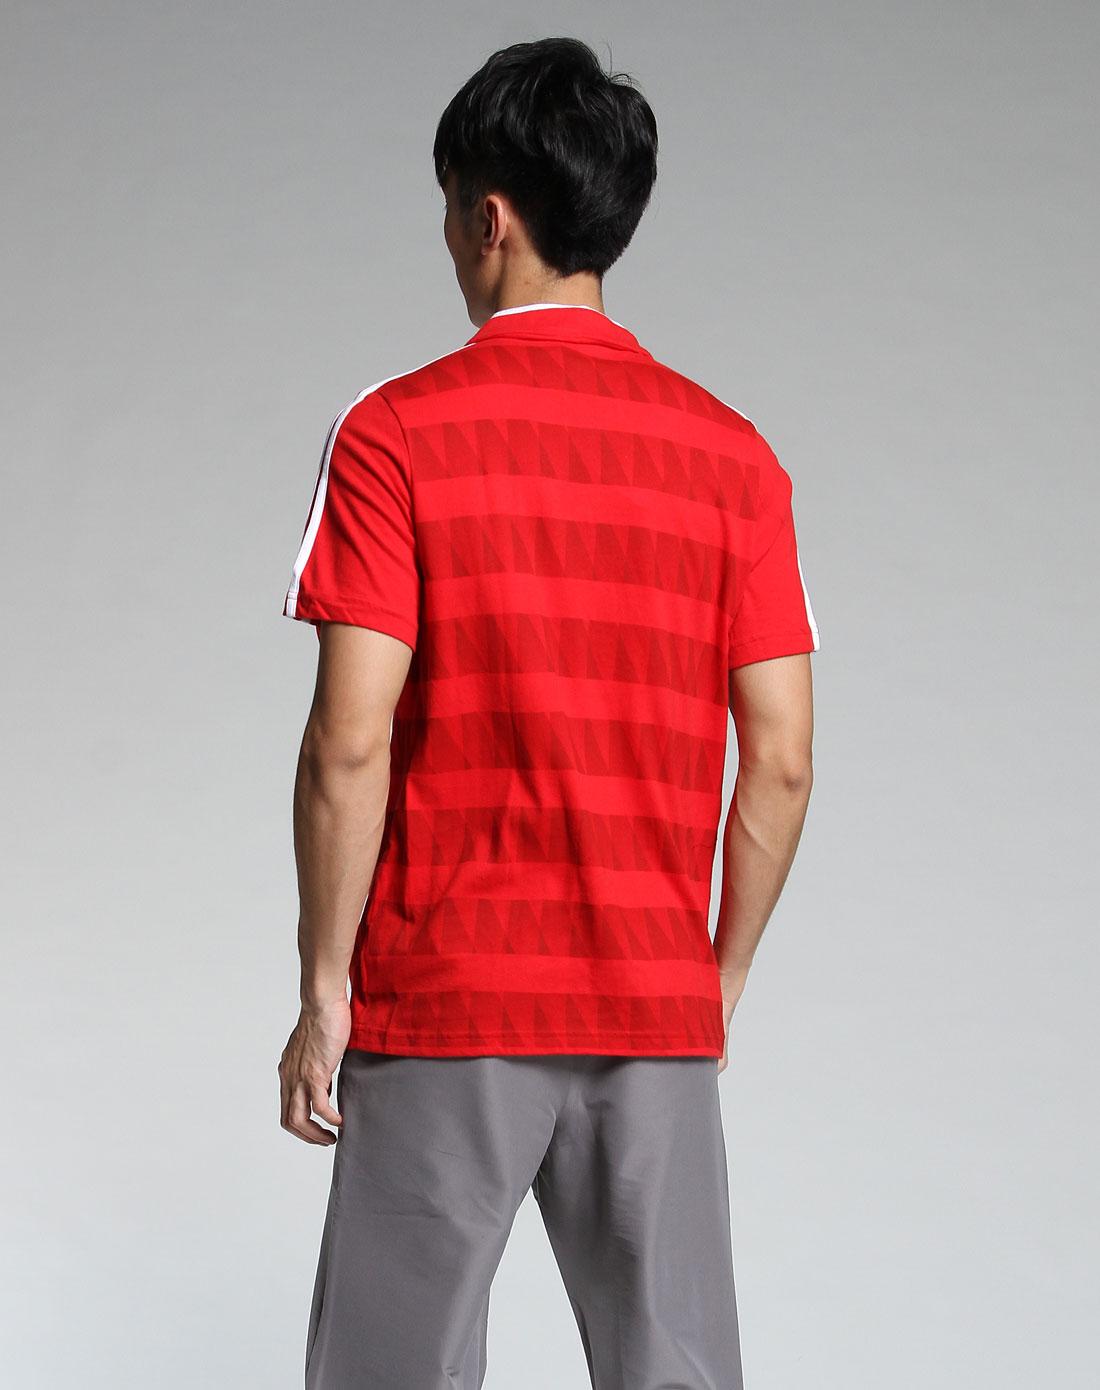 > 大红色翻领短袖t恤